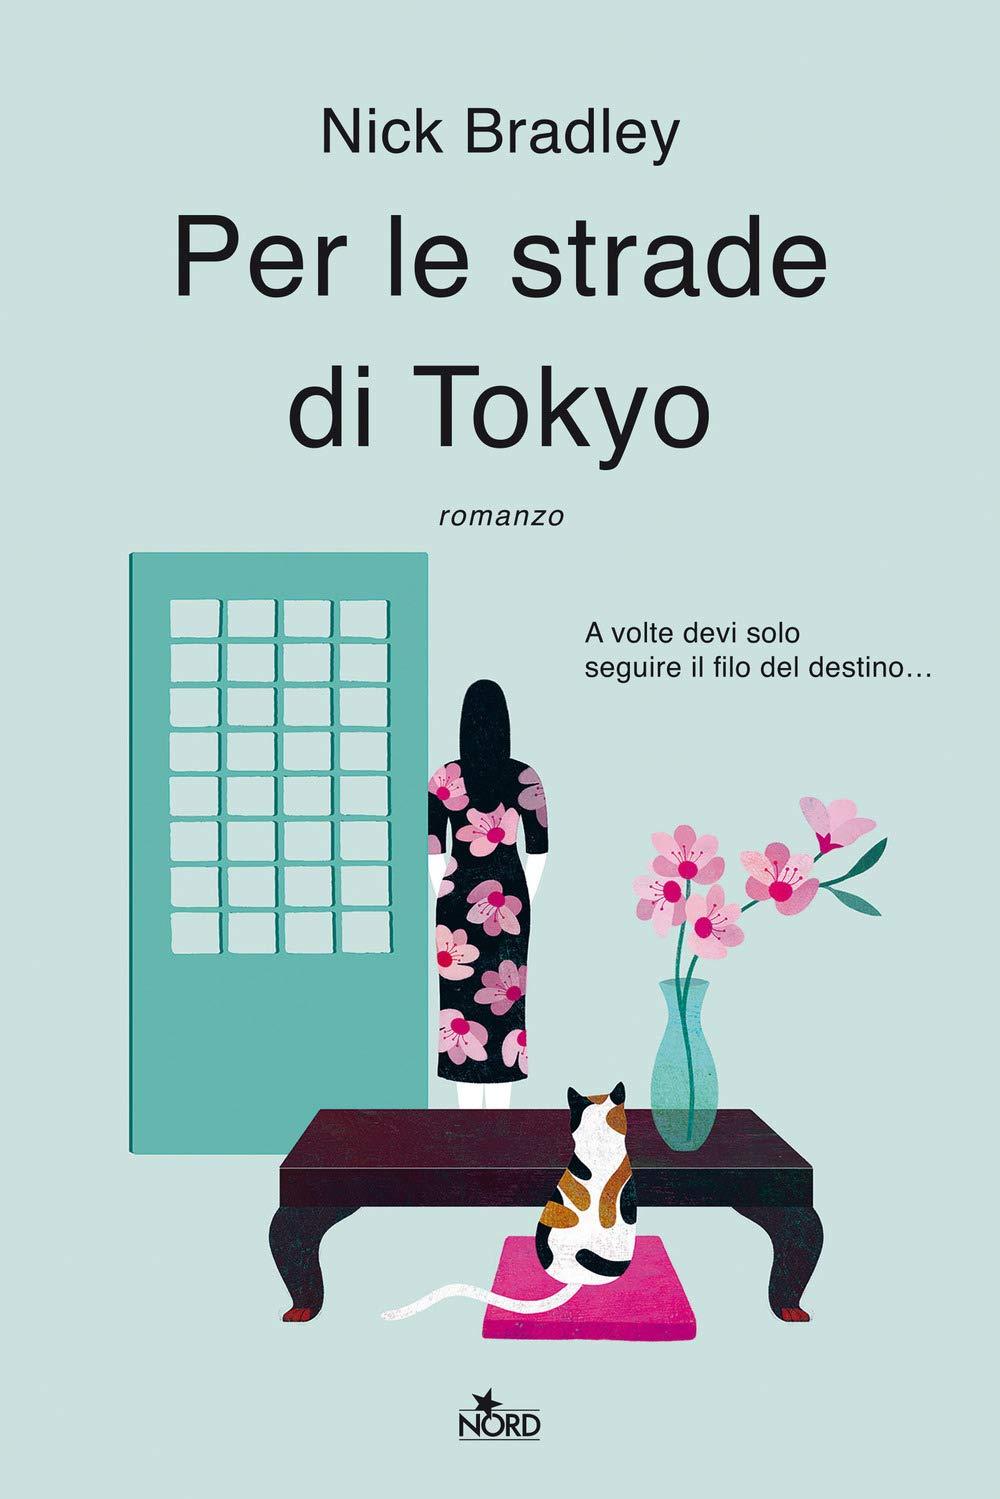 Per le strade di Tokio di Nick Bradley